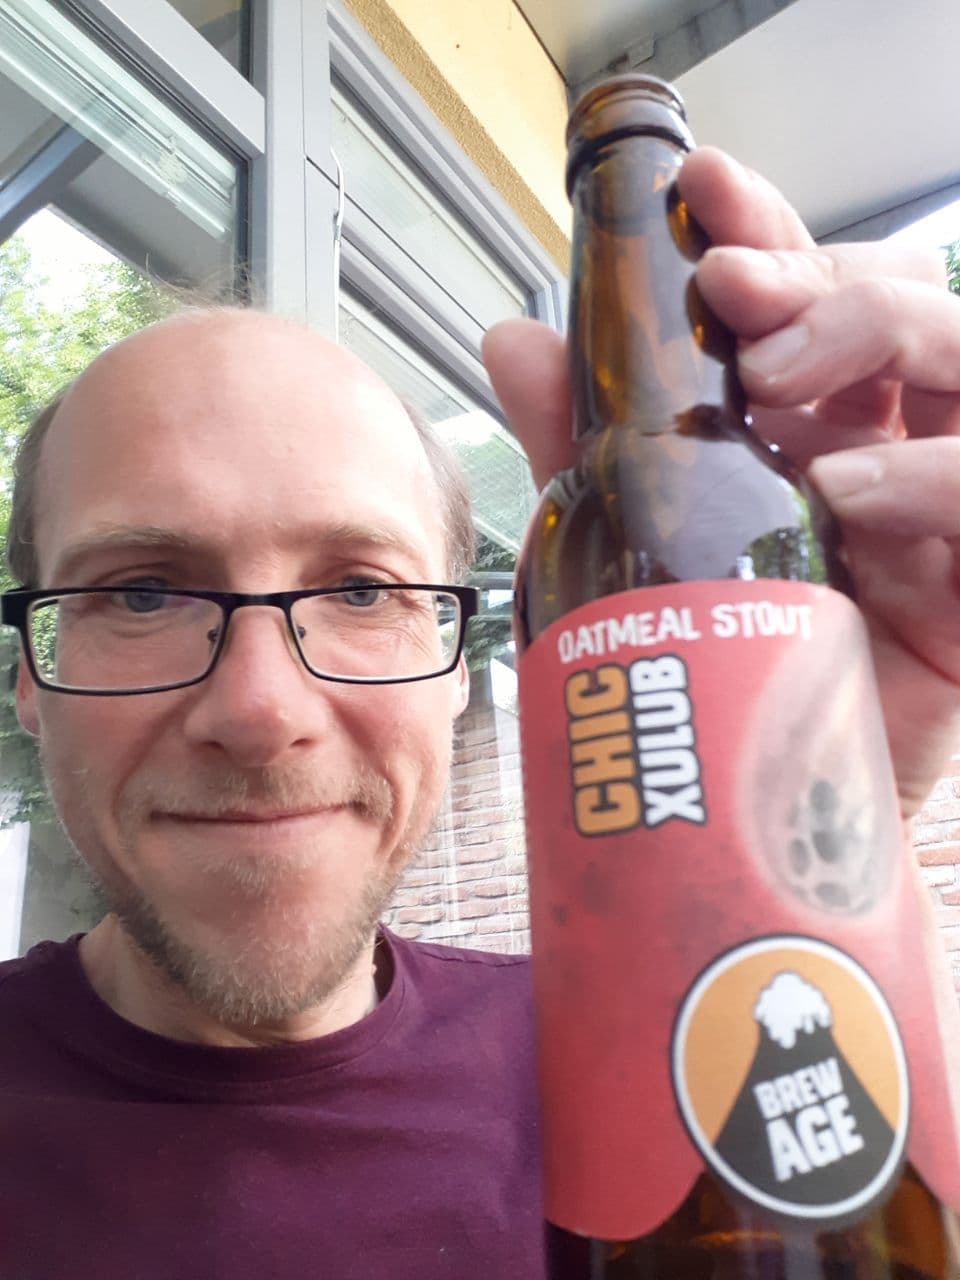 Bier mit Impact